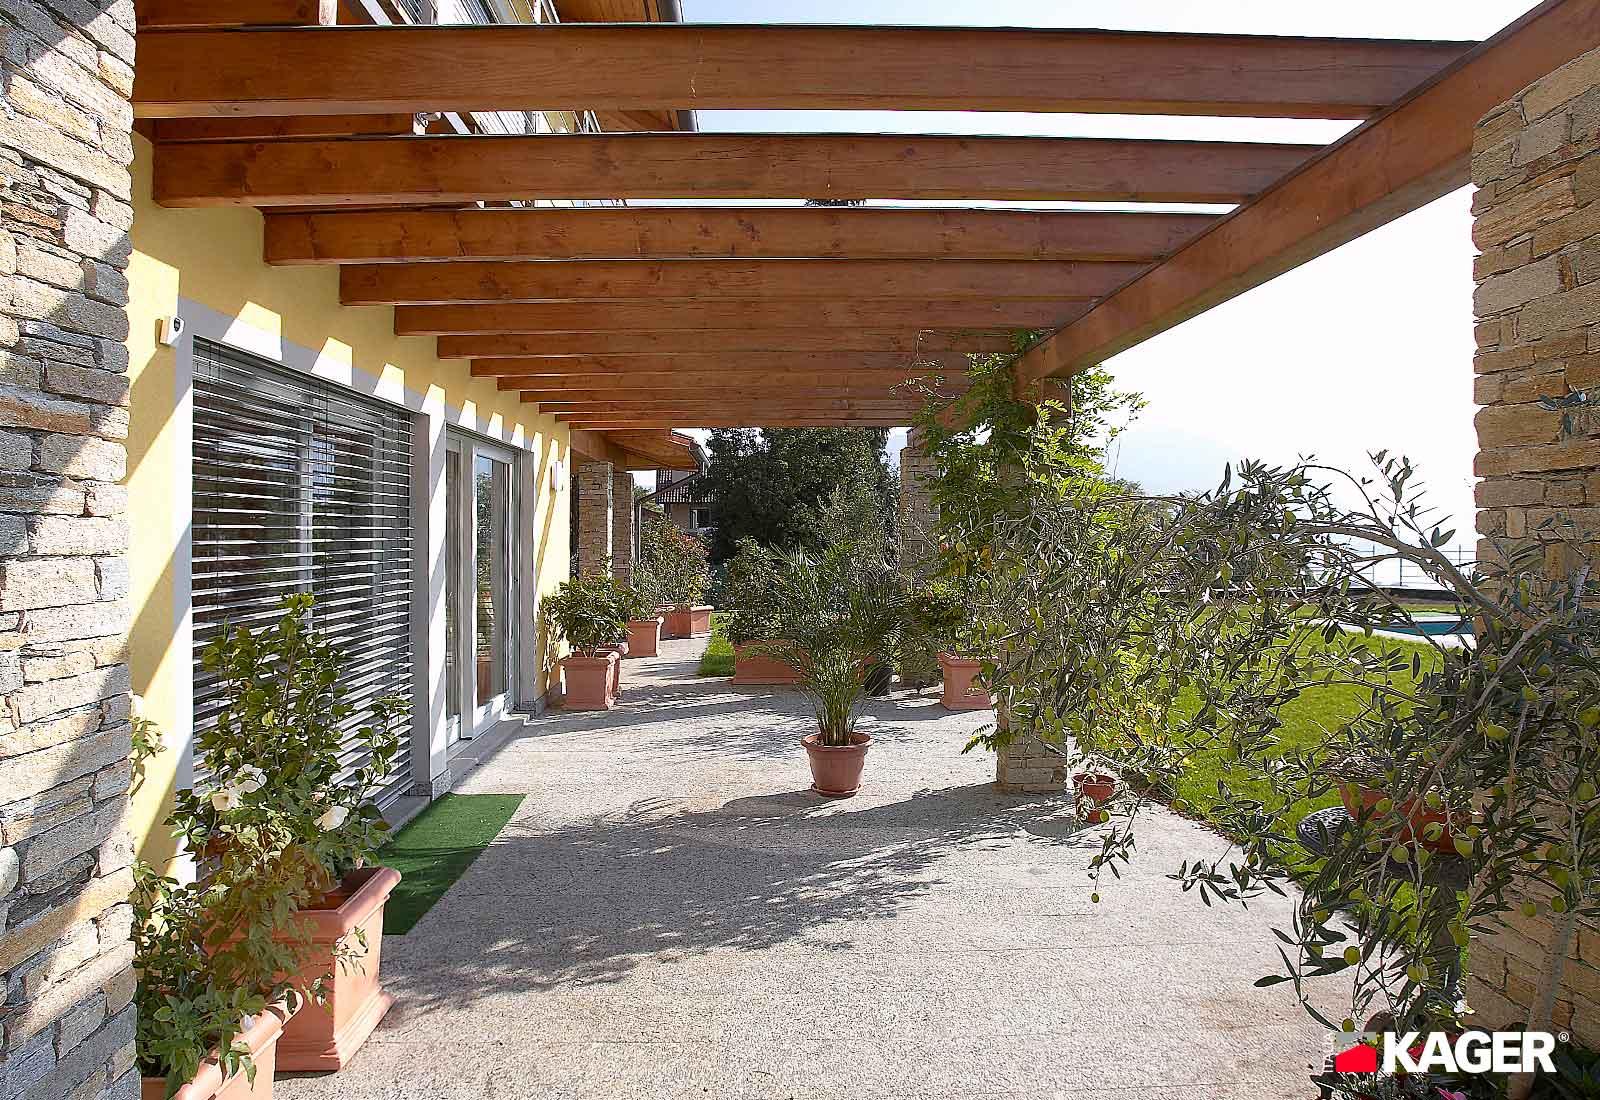 Casa-in-legno-Verbania-Kager-Italia-07